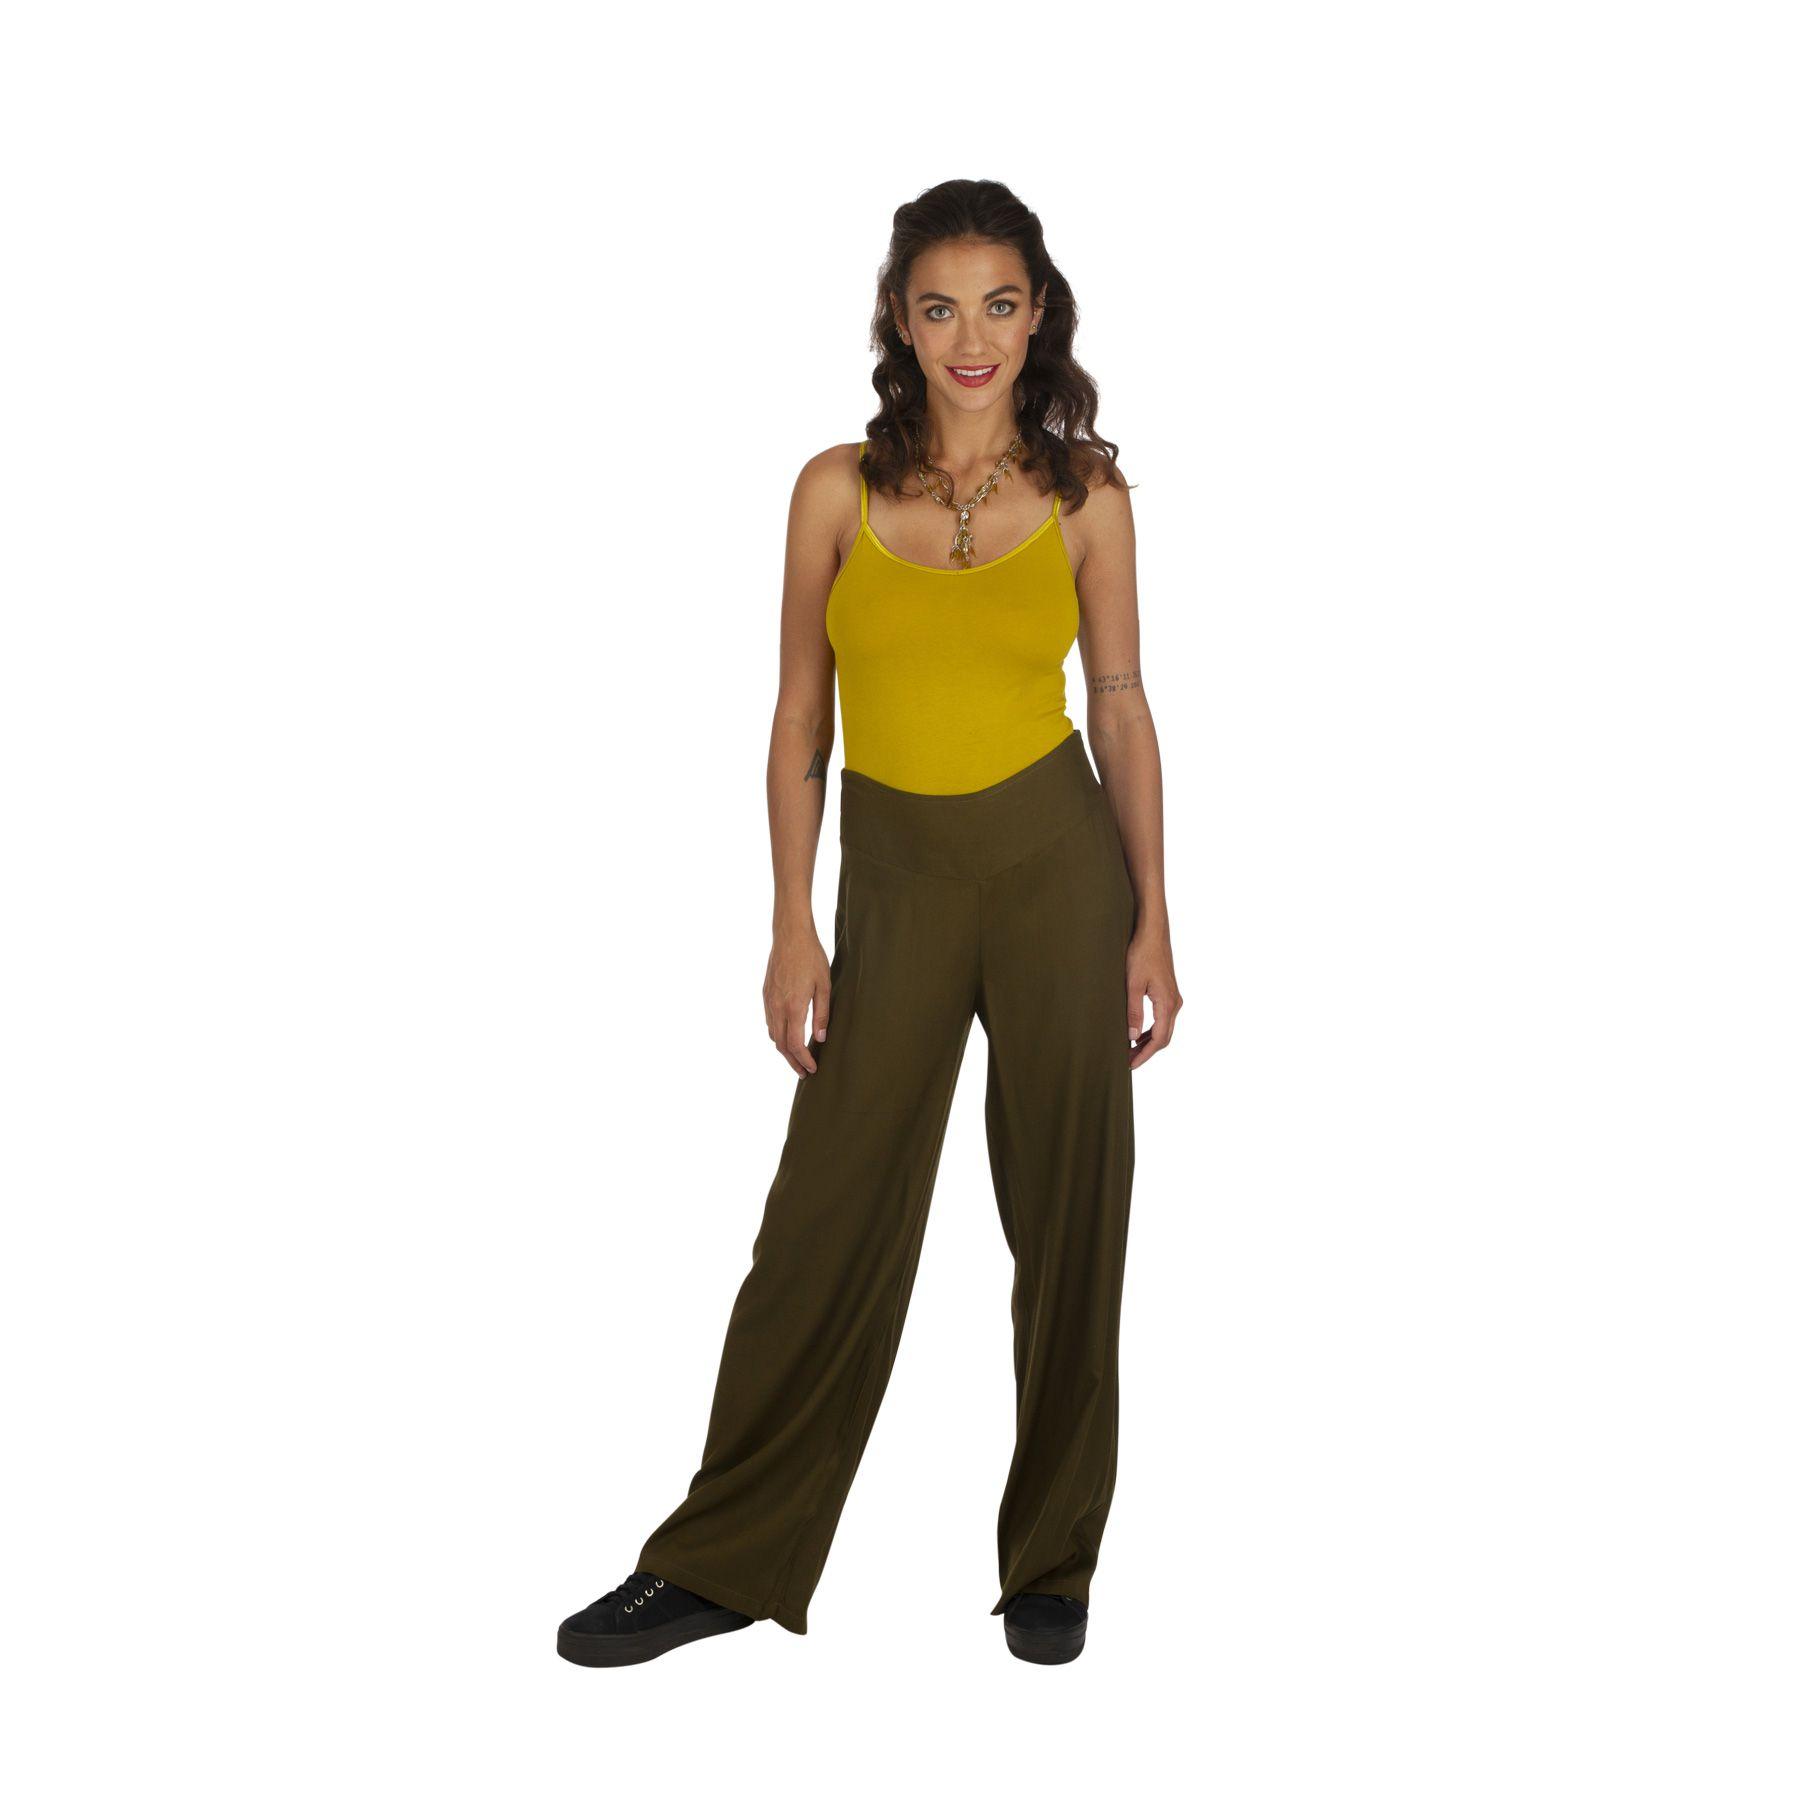 Pantalon de ville droit femme morphologie kaki pas cher Friendly 319542